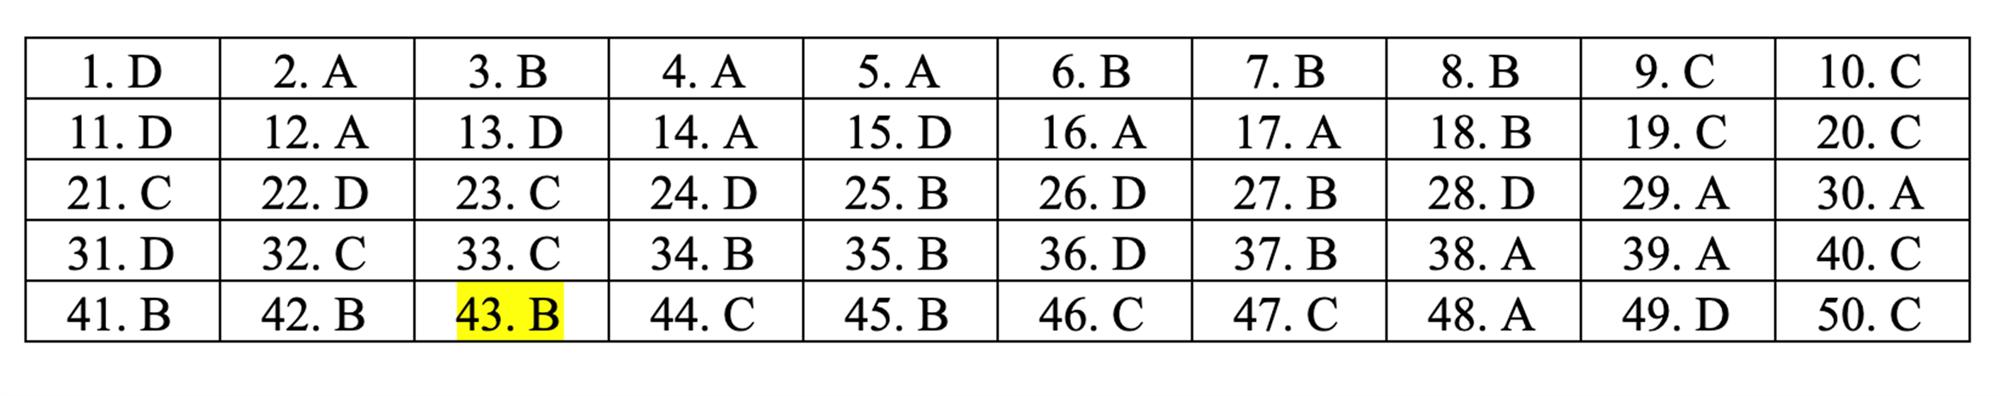 Đáp án tham khảo môn Toán thi THPT quốc gia 2019 tất cả mã đề-19